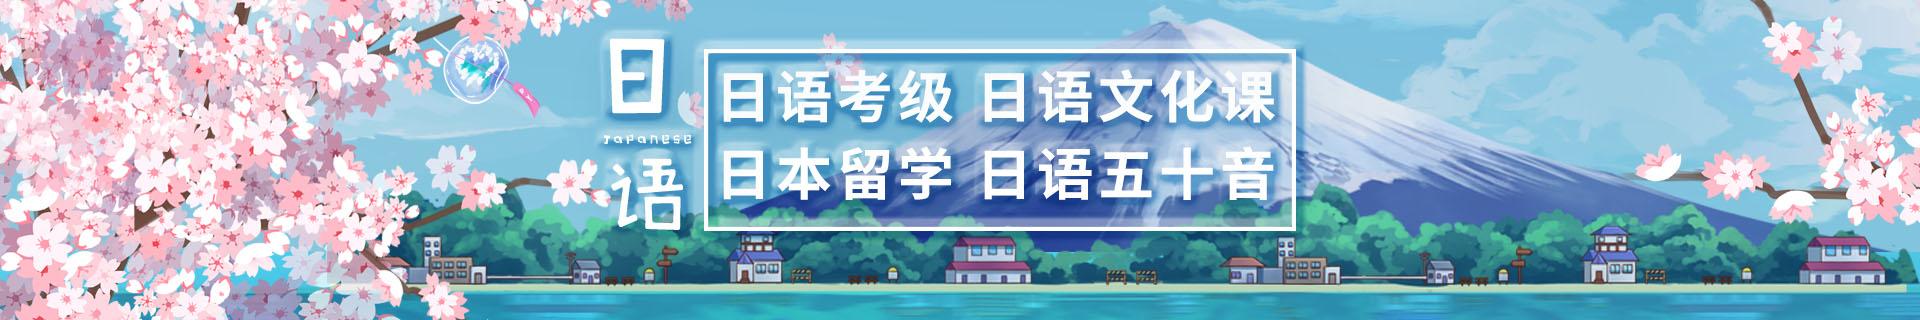 西安莲湖樱花国际日语培训机构